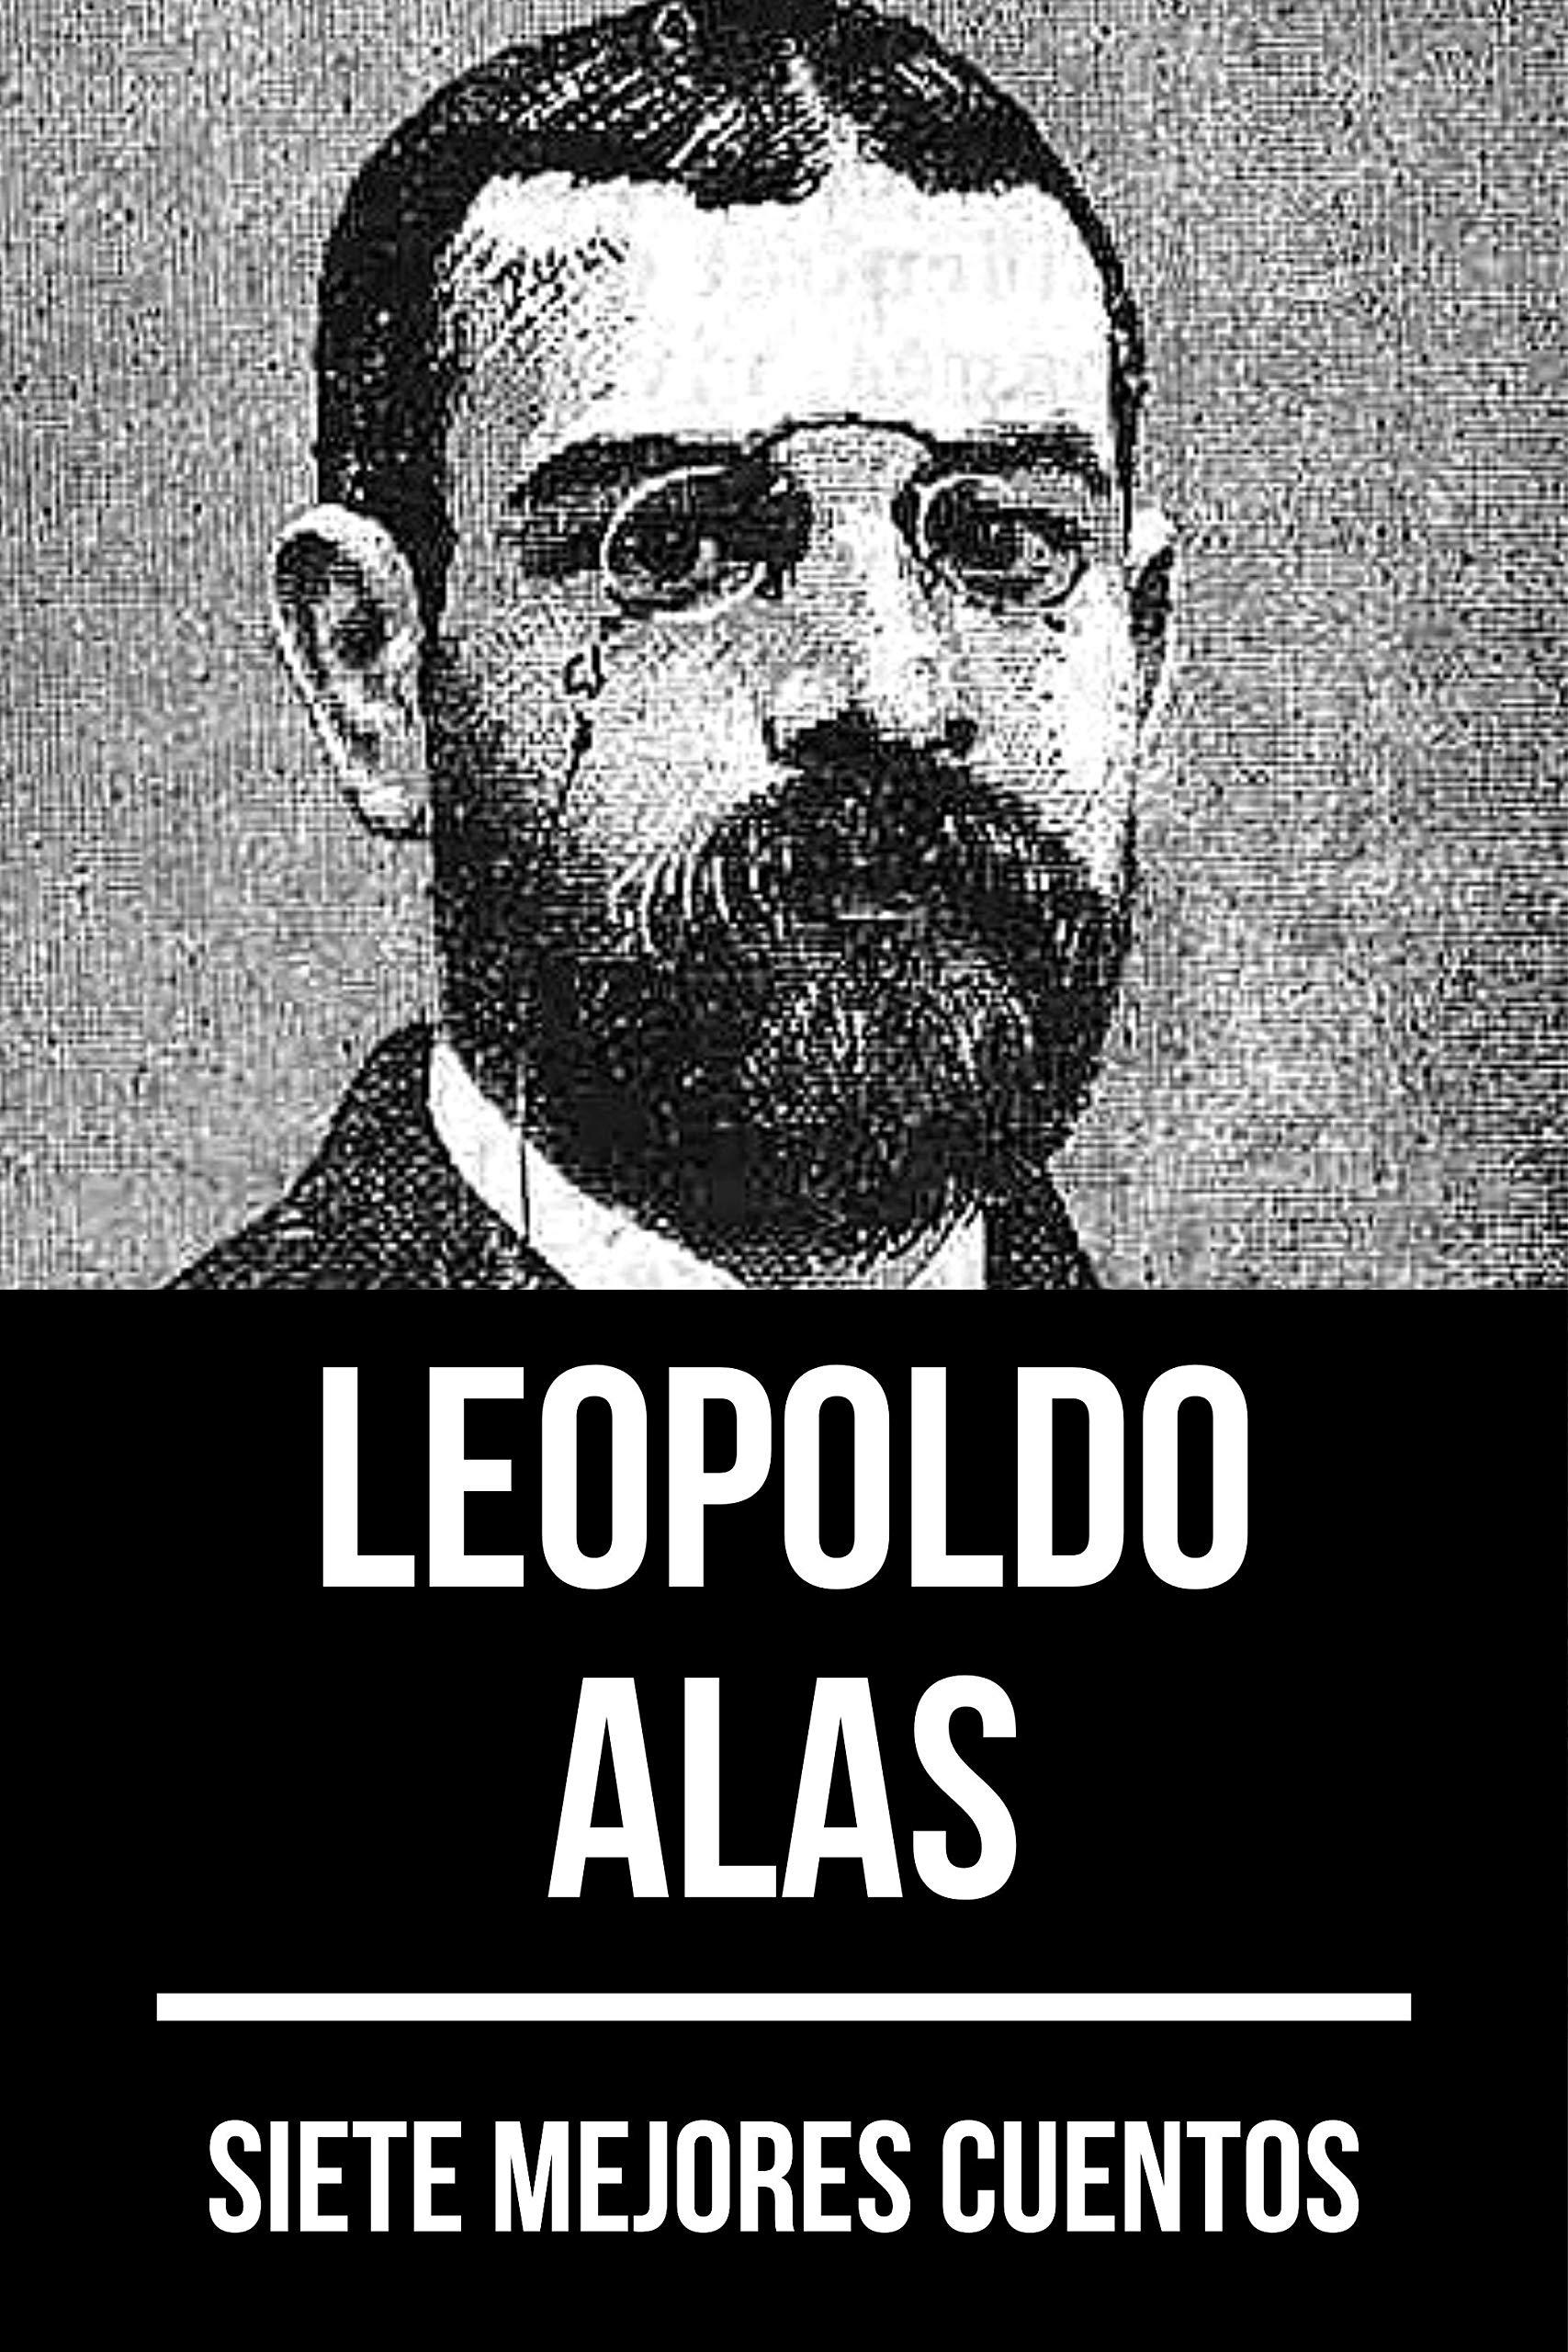 7 mejores cuentos de Leopoldo Alas